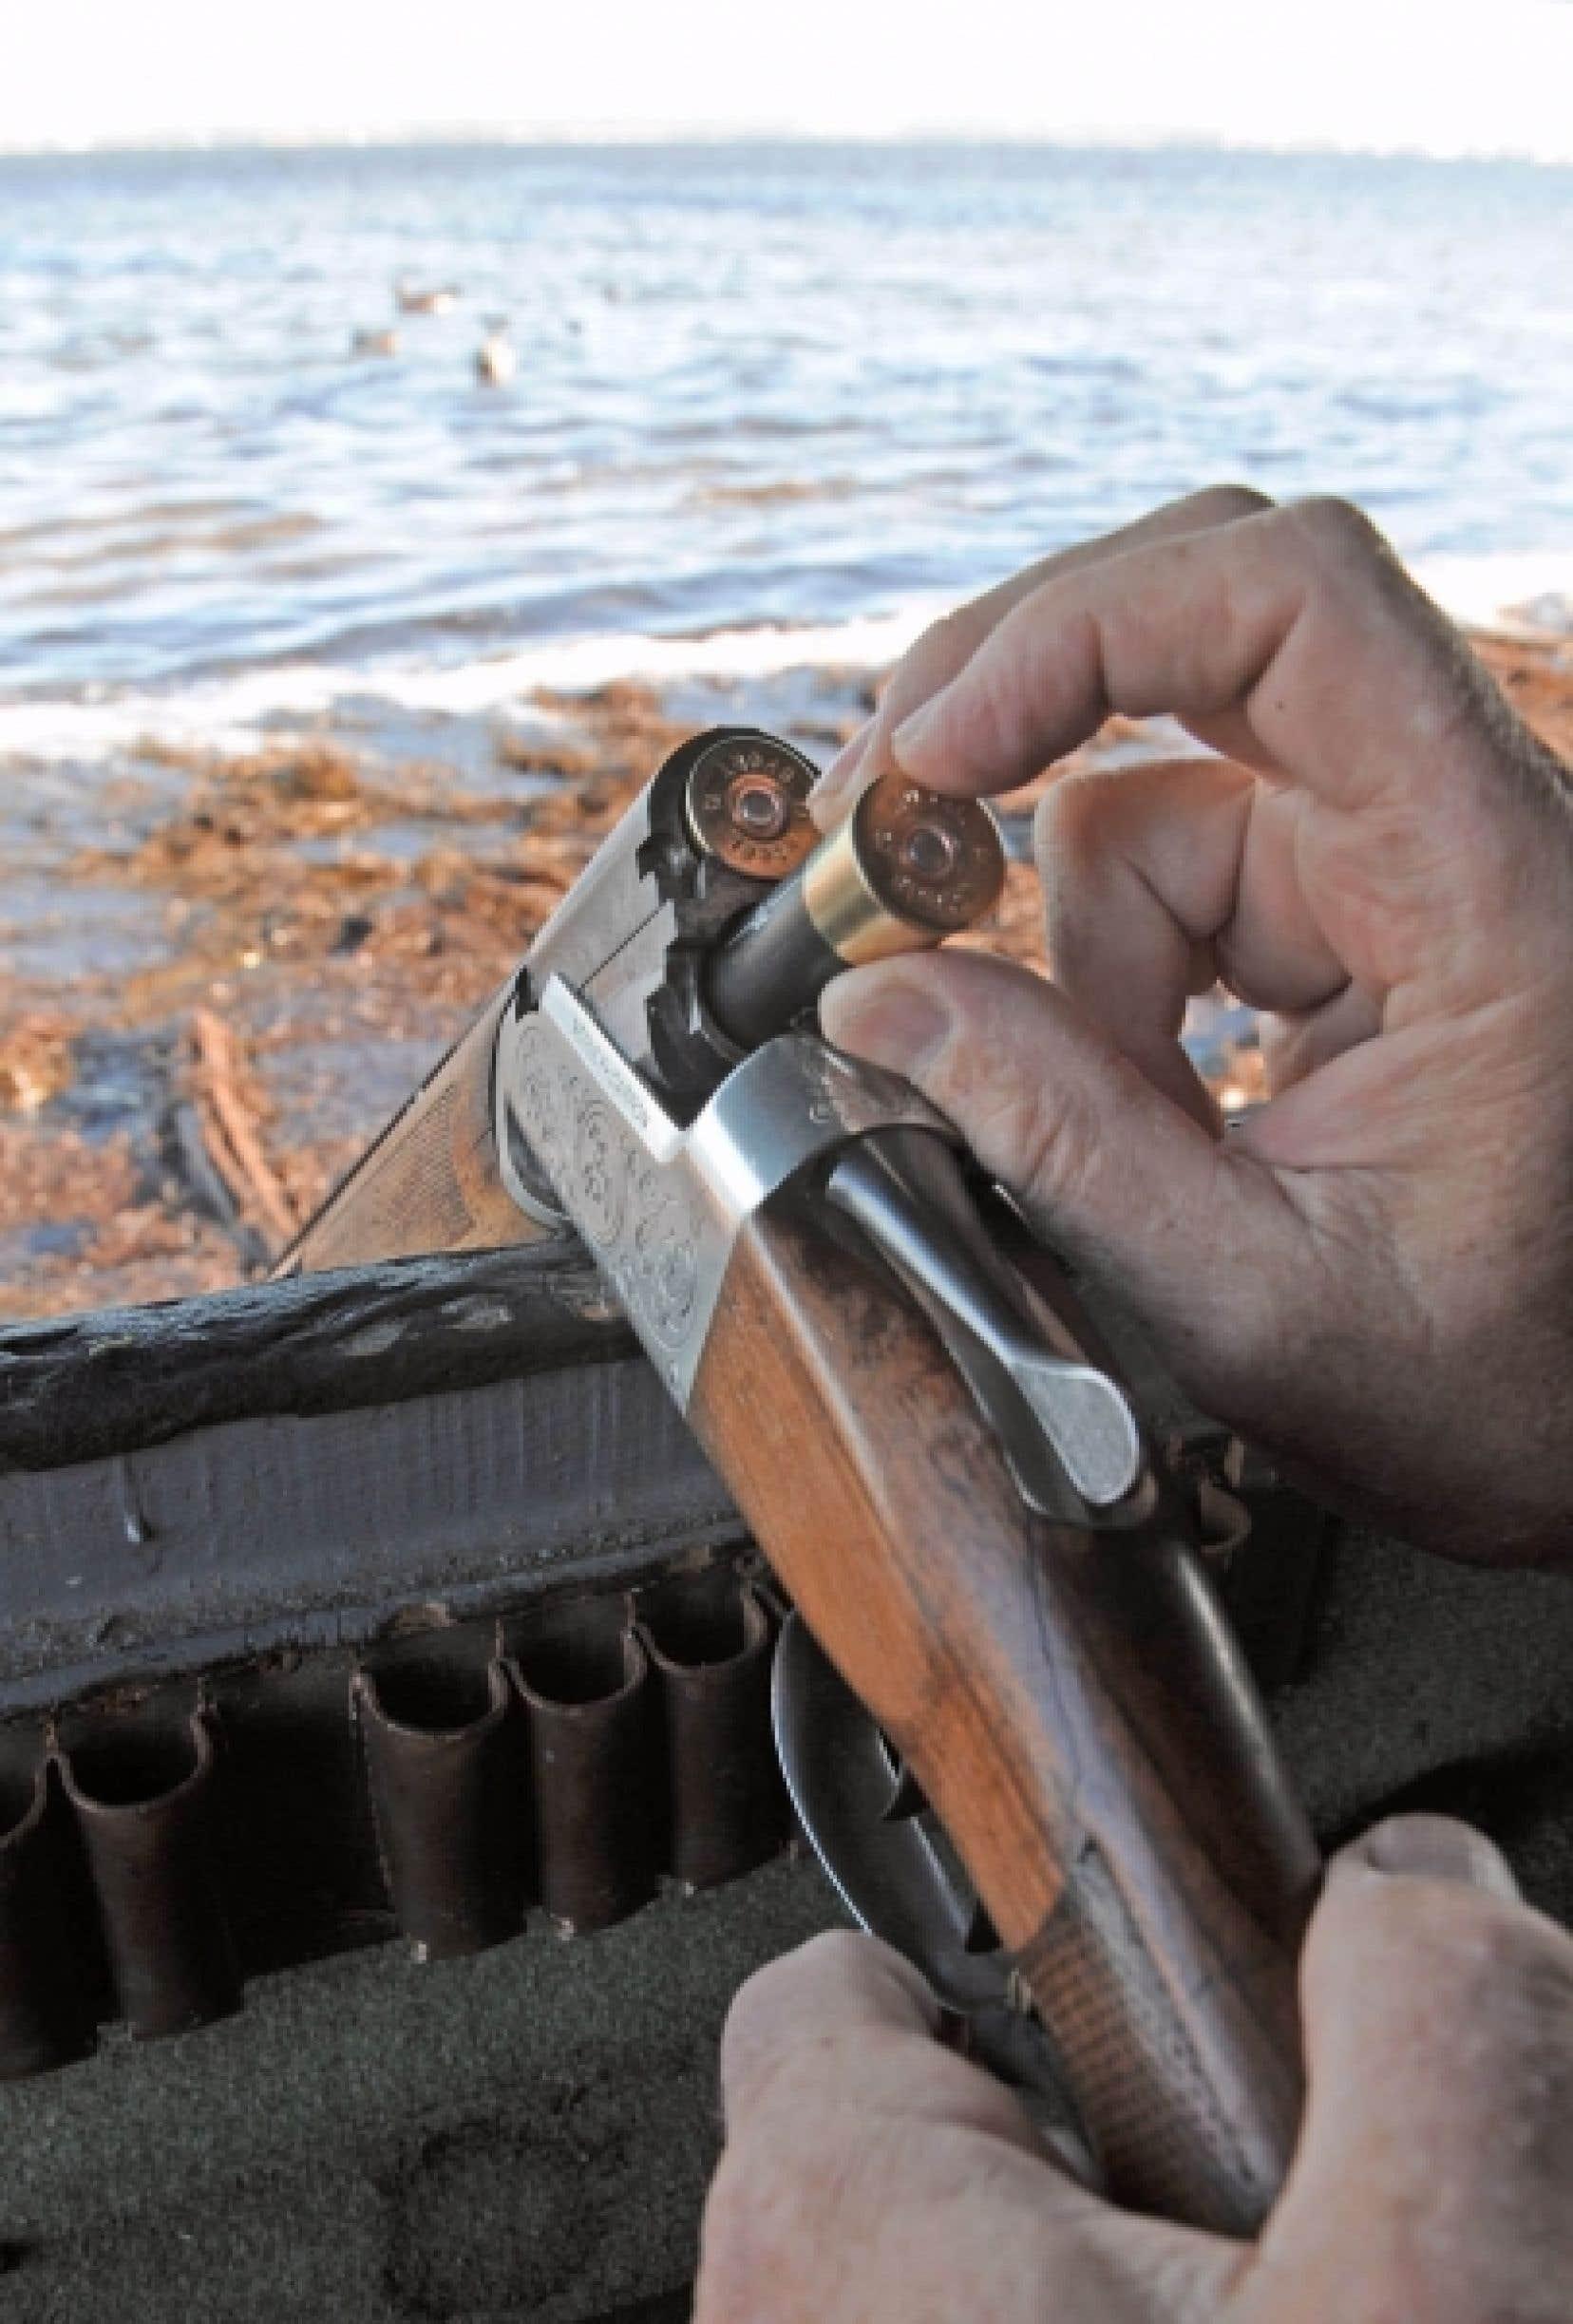 Le nord de l'Ontario est fait de zones rurales où la chasse et la pêche font partie du quotidien des gens. En 2008, plusieurs néodémocrates avaient promis l'abolition du registre des armes à feu. À l'automne 2010, quatre candidats de cette région du Canada ont changé leur fusil d'épaule pour assurer la survie du registre.<br />